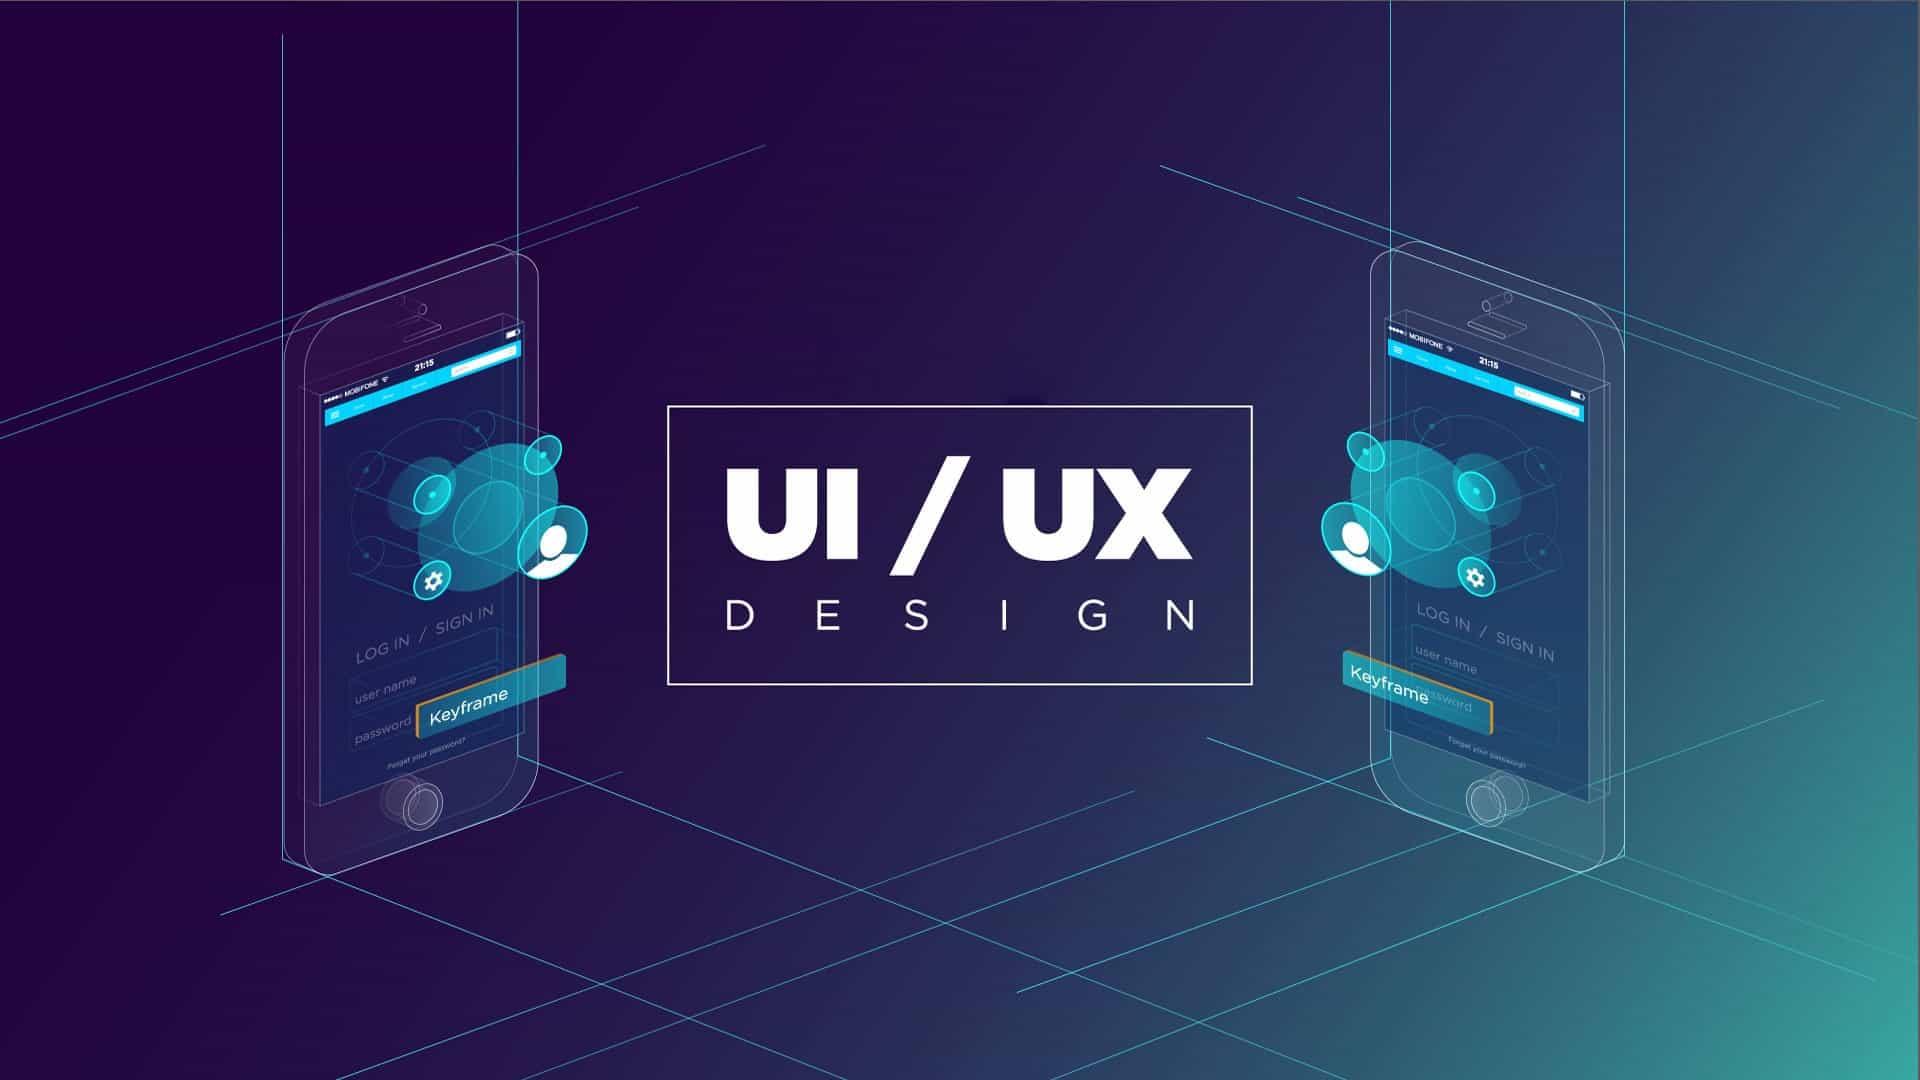 UX Ve UI Tasarım Nedir Ve Nasıl Yapılır?